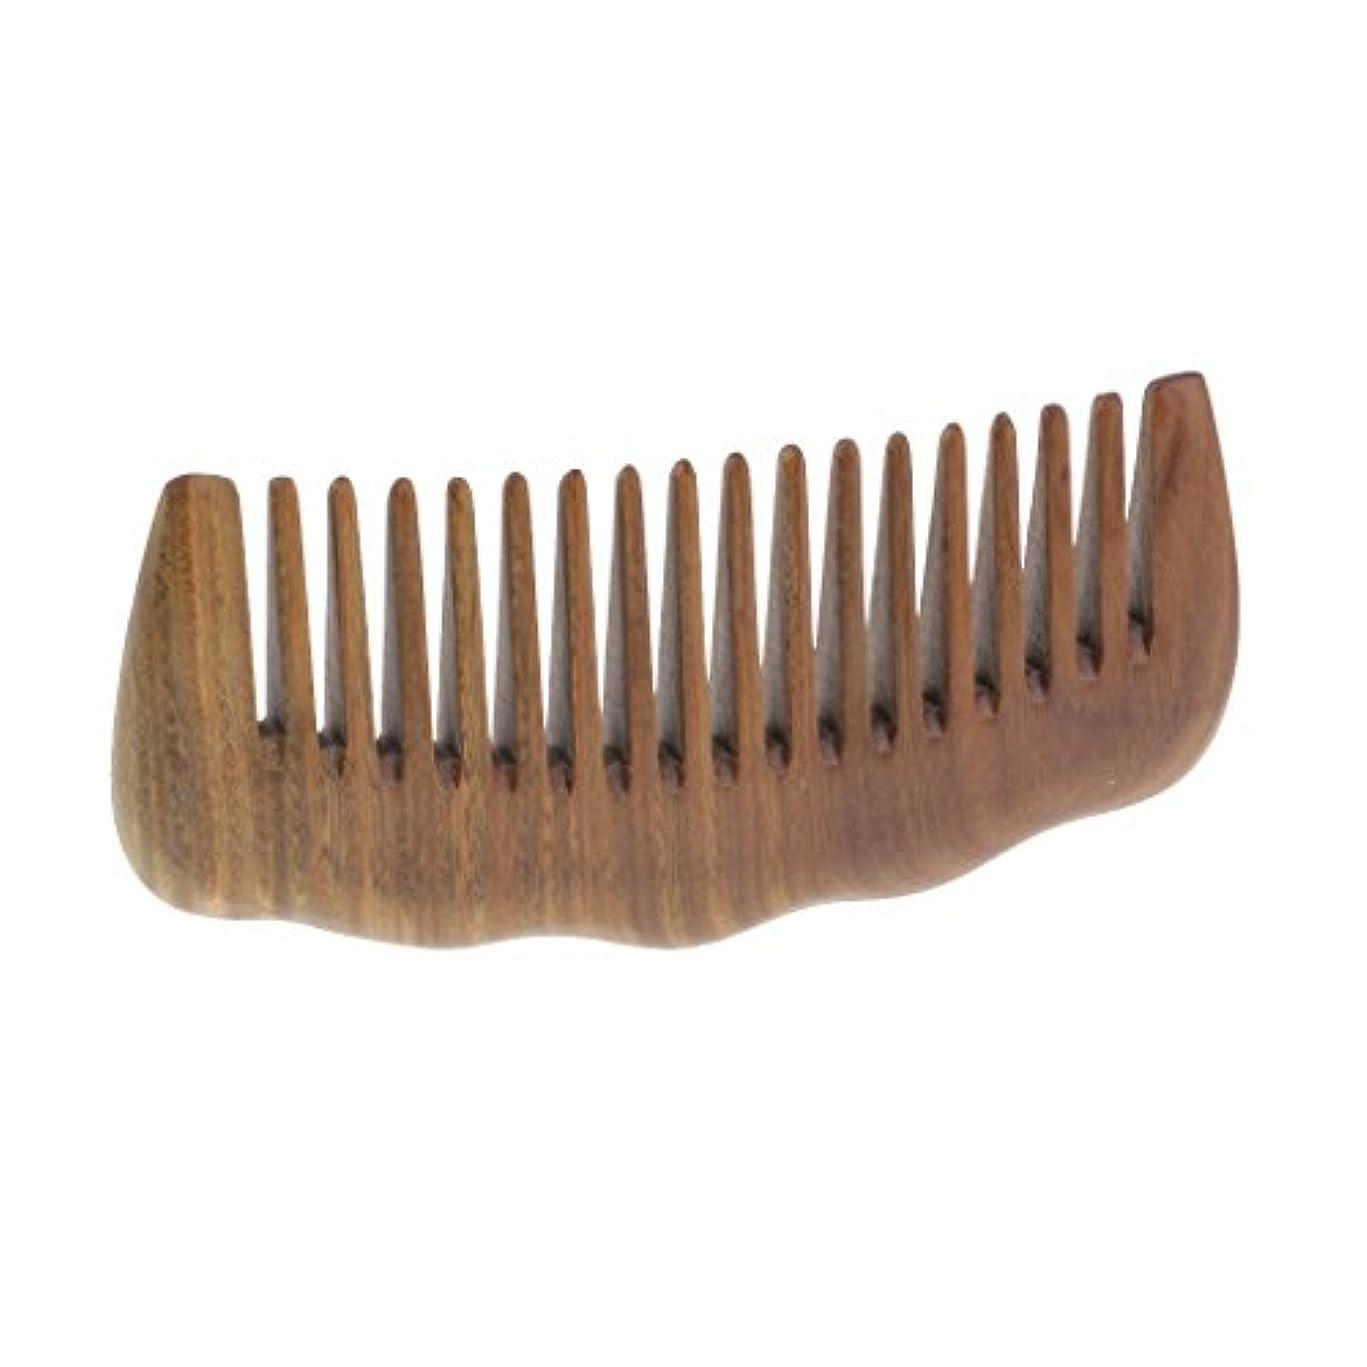 タイマーマウント検査ウッドコーム 木製櫛 頭皮マッサージ 伝統工芸品 滑らか ヘアケア ナチュラルサンダルウッド 高品質